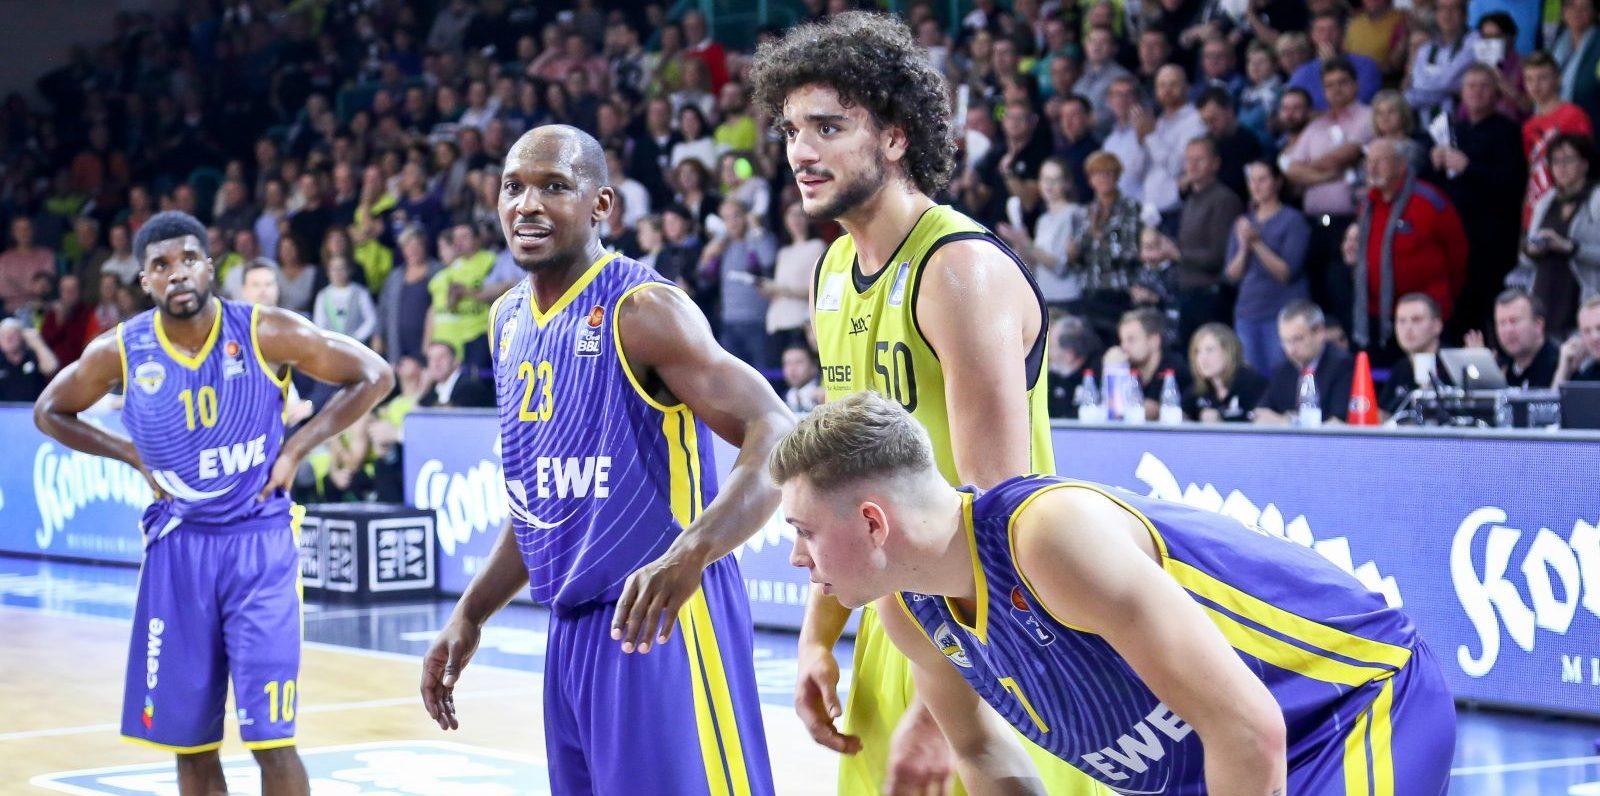 13.11.2016 medi Bayreuth ; Saison 2016/17 Hauptrunde Spieltag 9 Baskets Oldenburg | Kondrauer Mineral- und Heilbrunnen